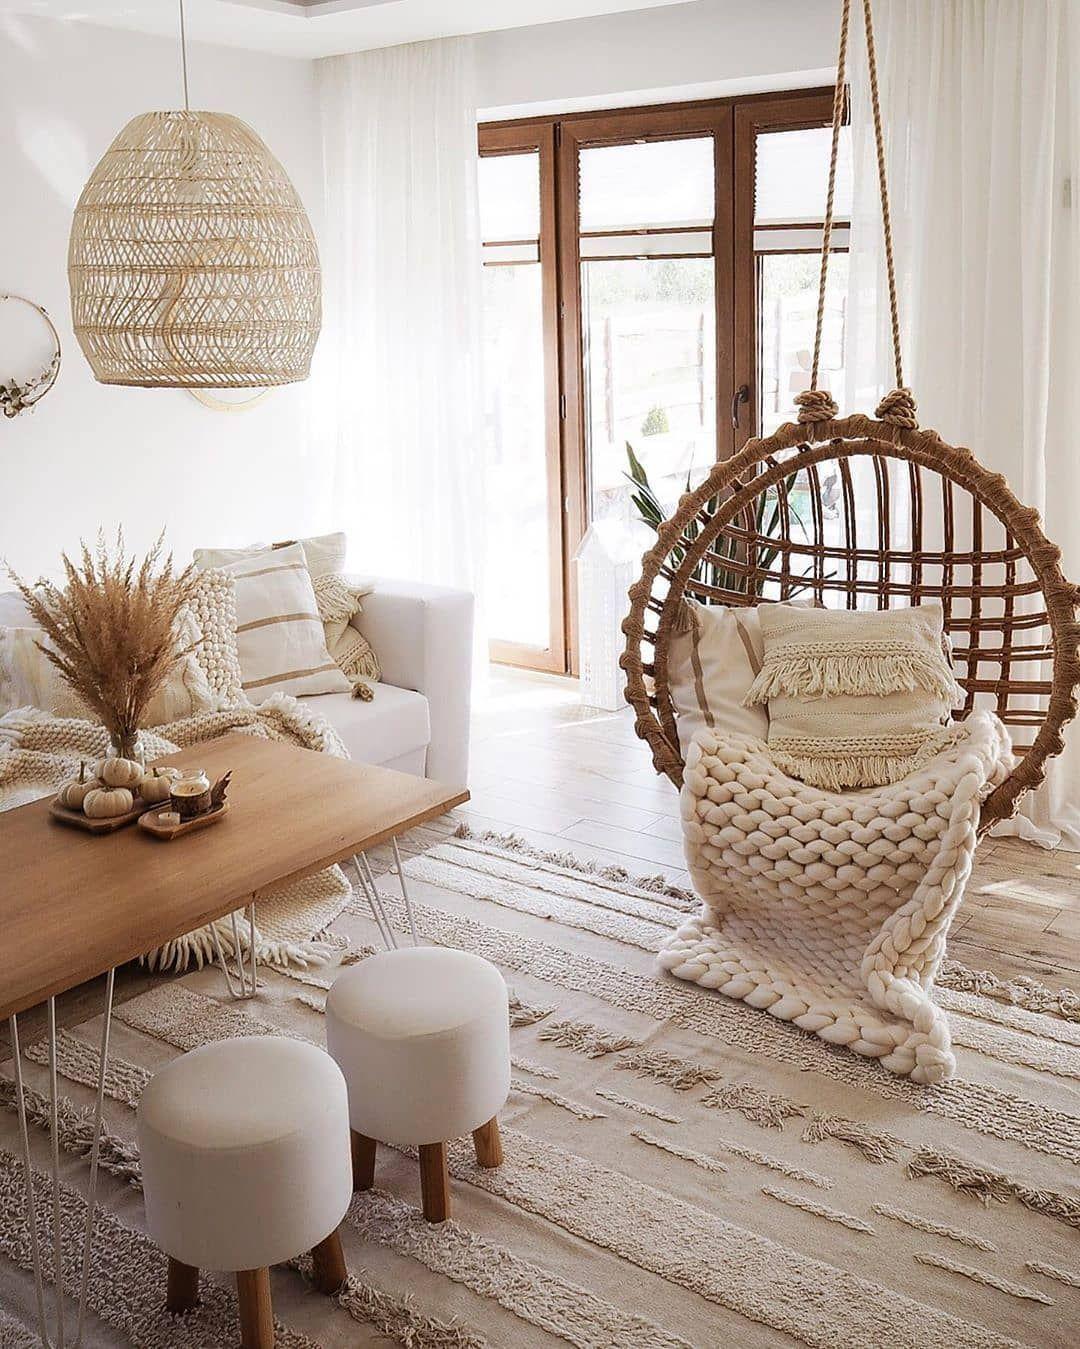 70 Awesome Minimalist Living Room Decor Ideas #einrichtungenundwohne | Wohnzimmer des Erweiterungshauses